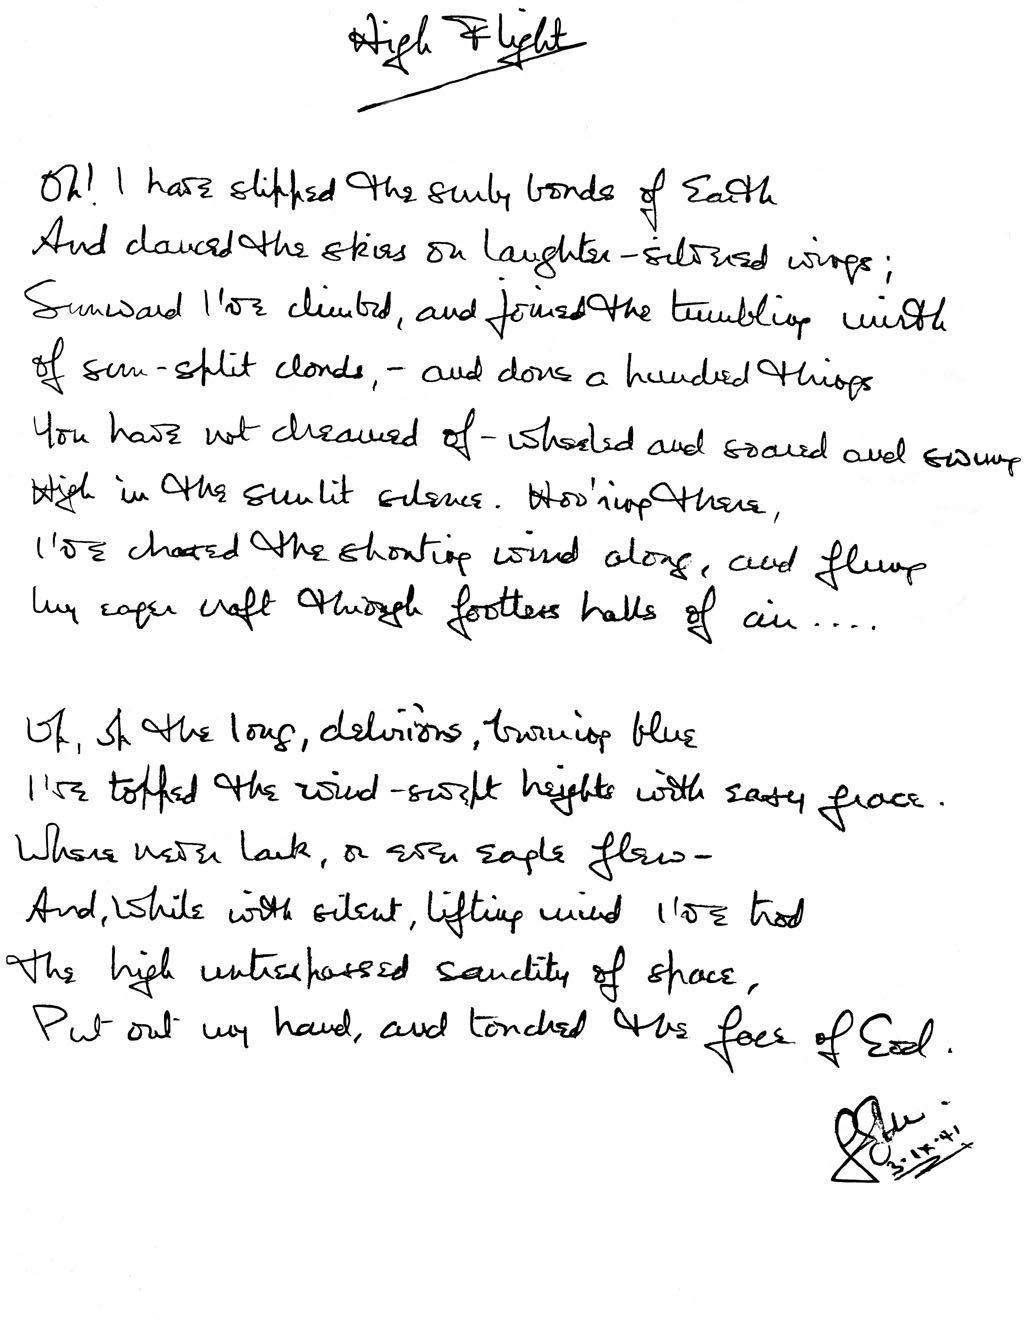 John Gillespie Magee Jrs Original Handwritten Poem